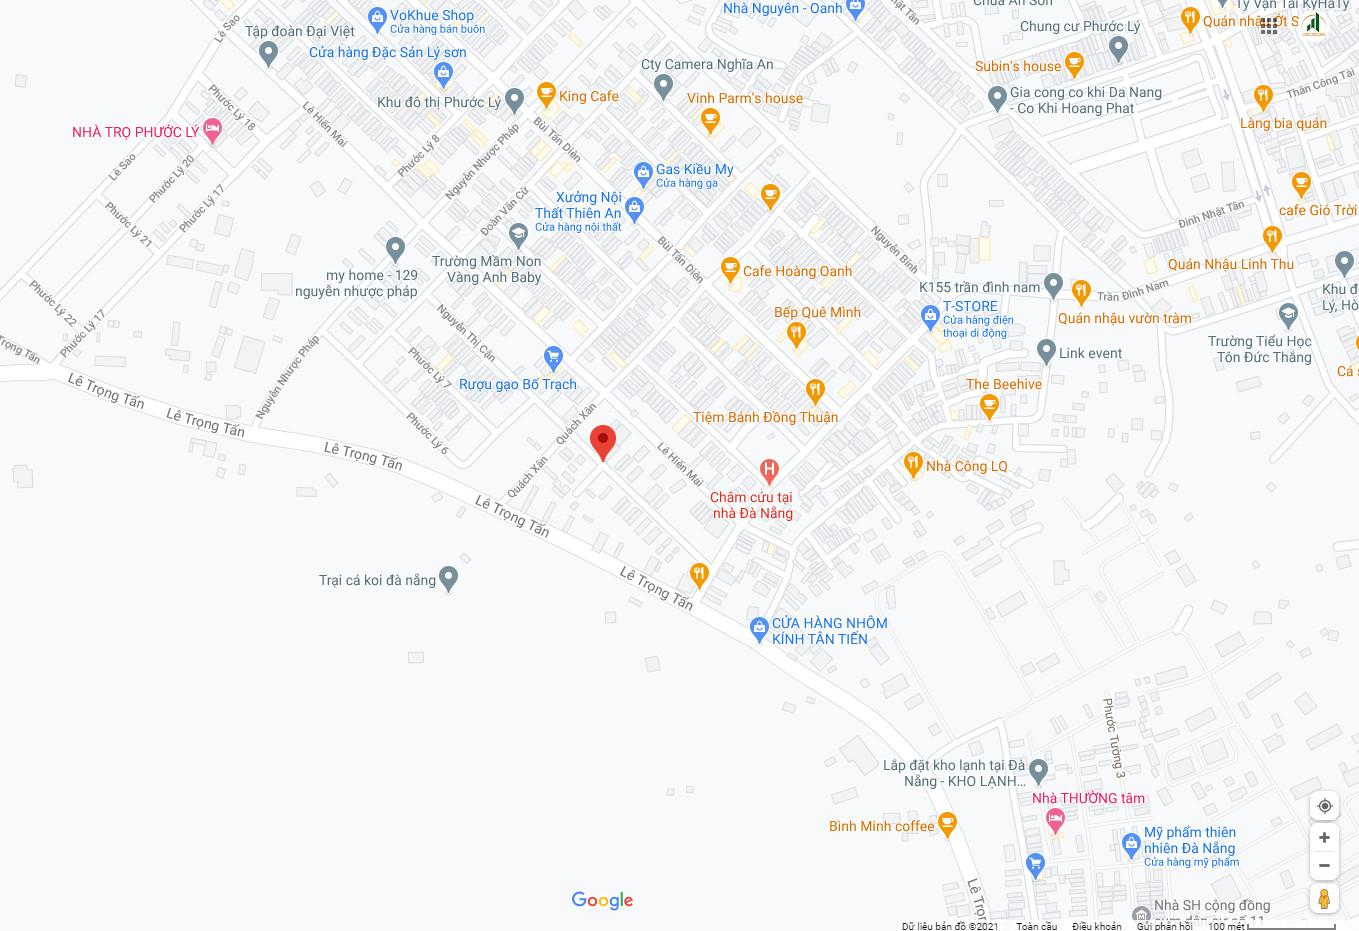 sơ đồ vị trí đất nền khu Phước Lý - Cẩm Lệ - Đà Nẵng